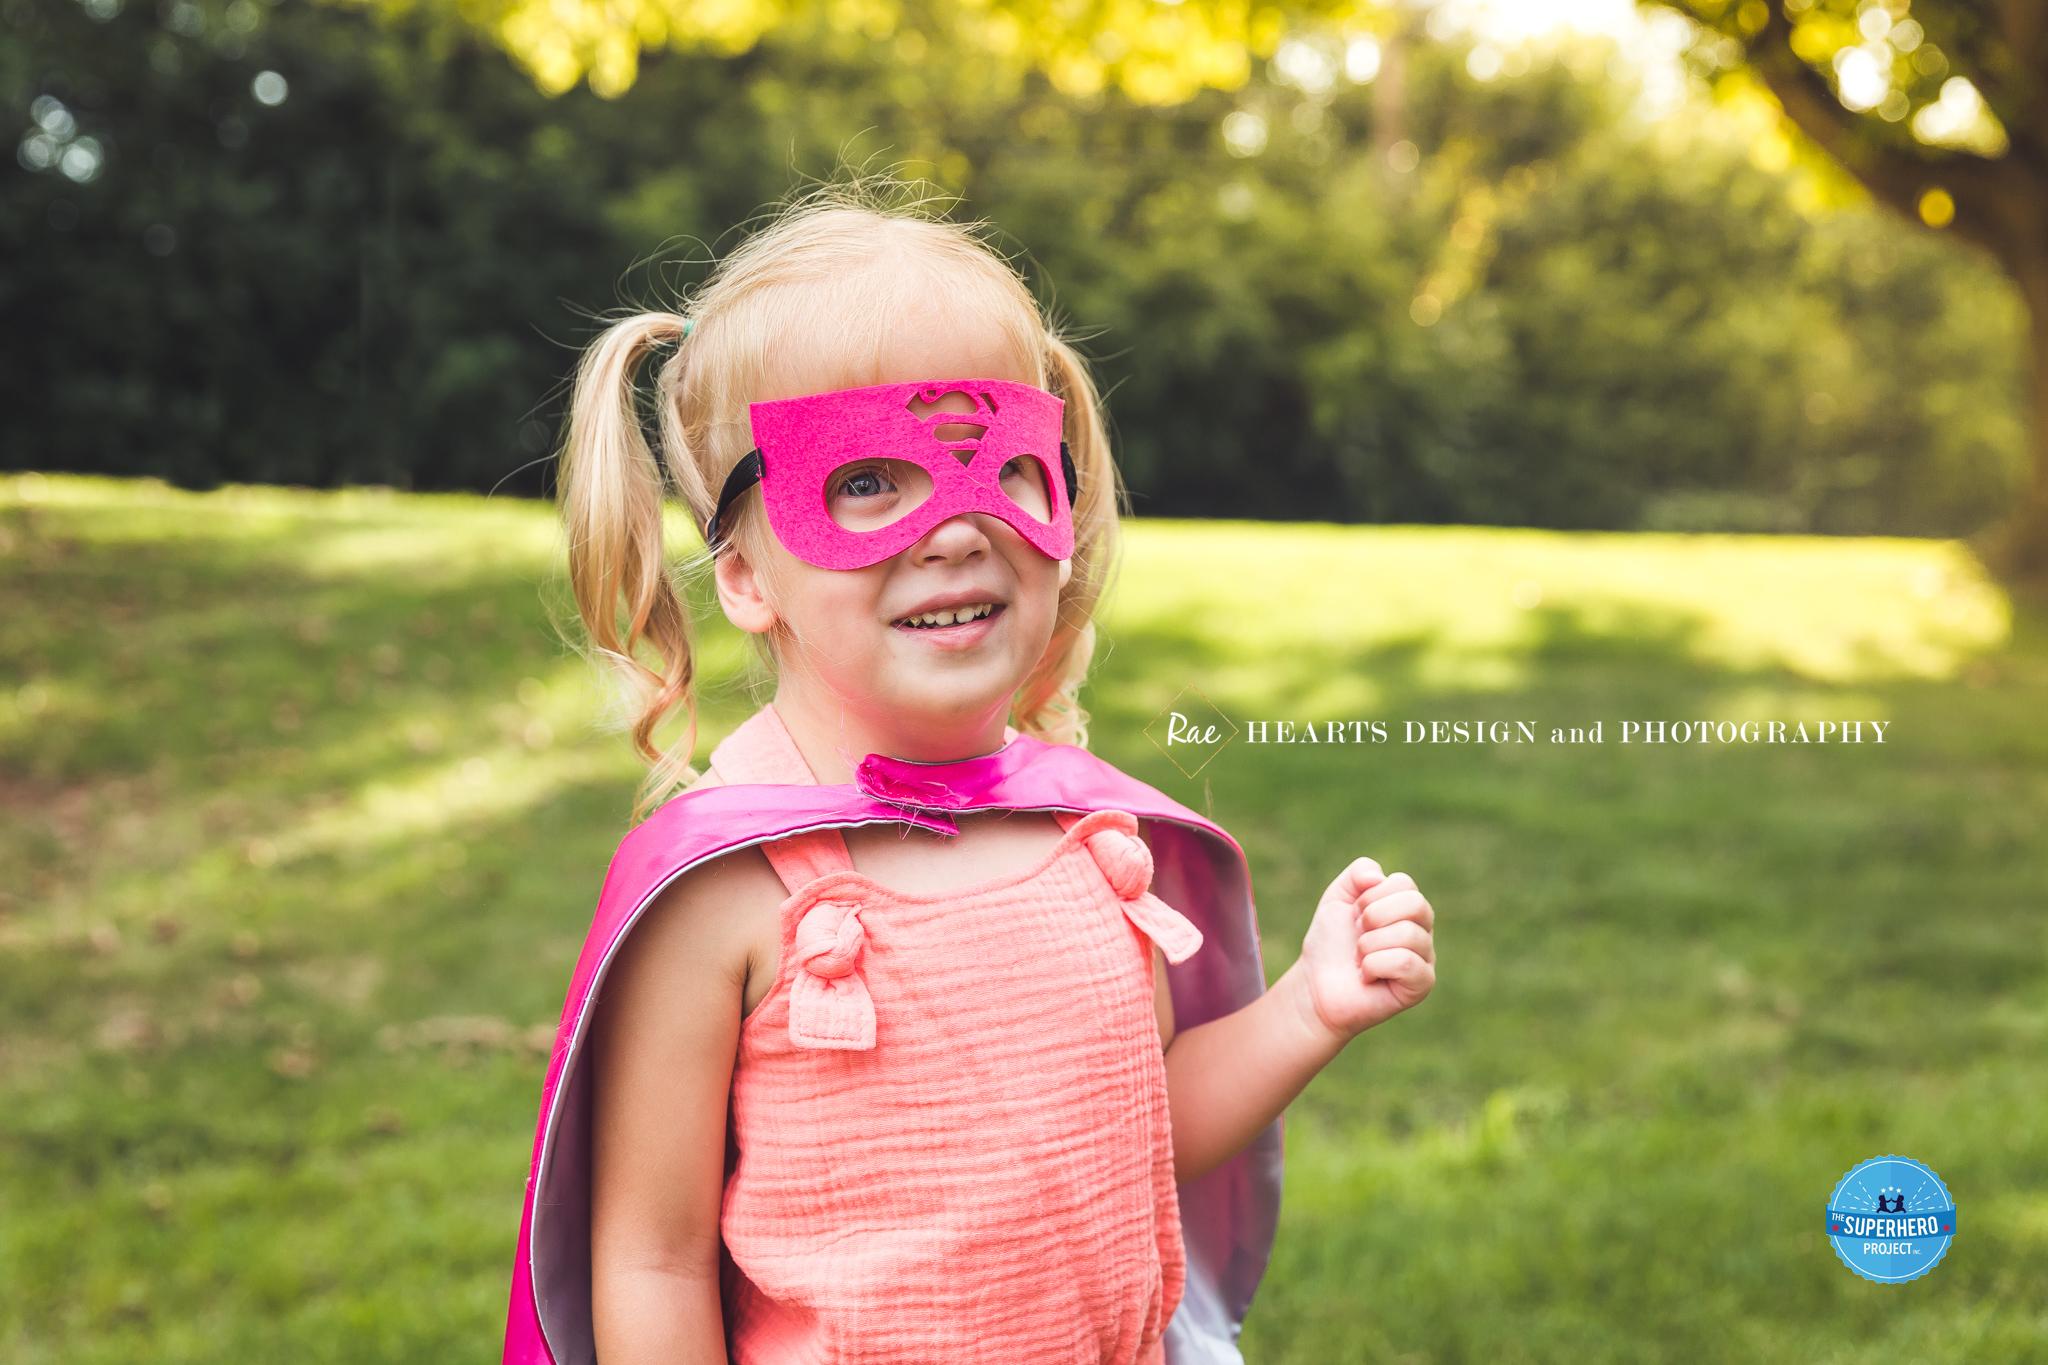 sp superhero-14 copy